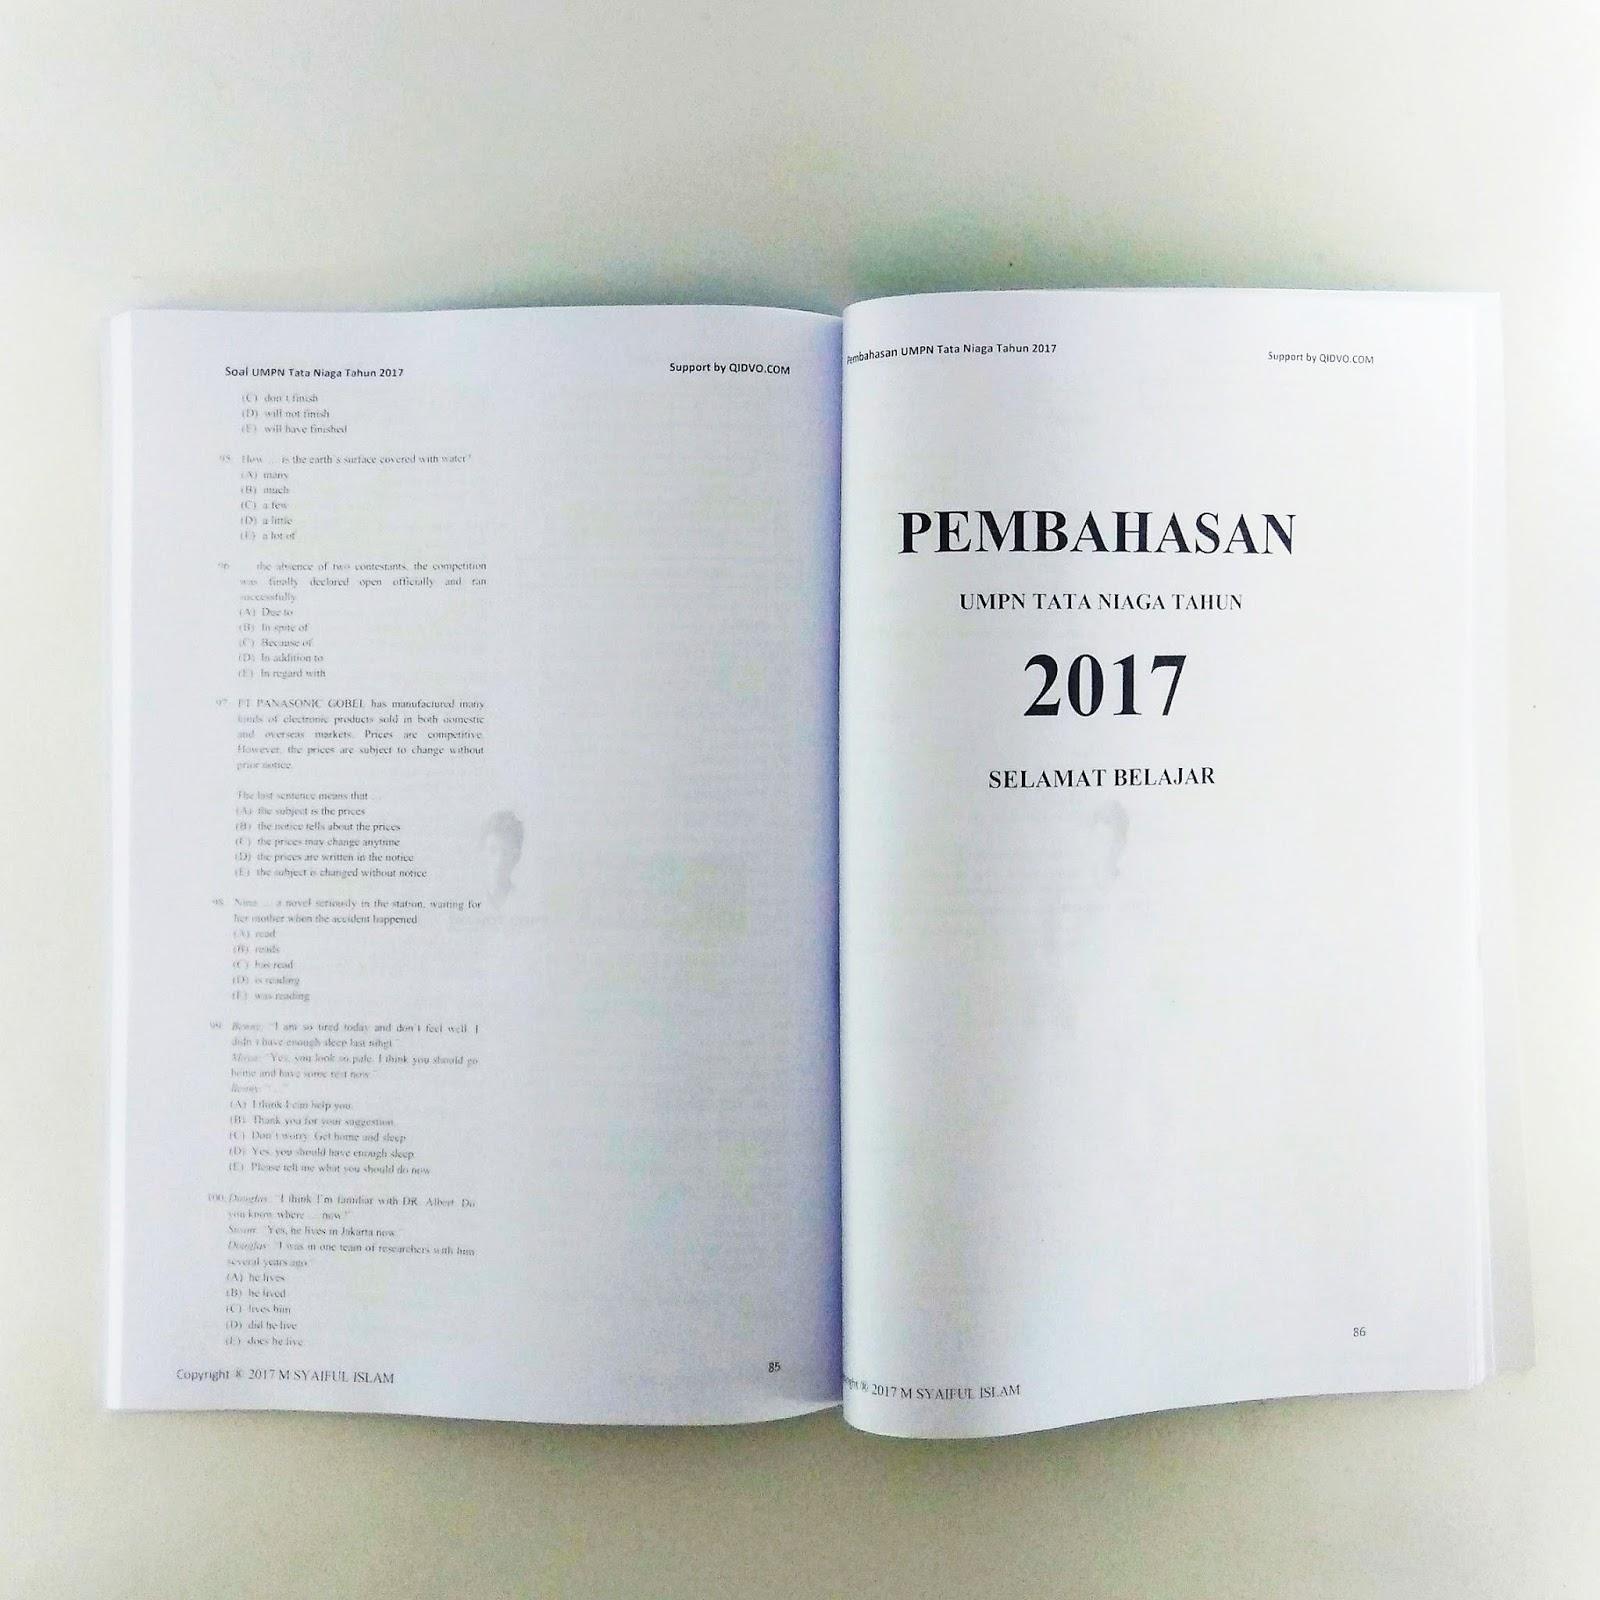 Buku Kumpulan Soal dan Pembahasan UMPN Bidang Tata Niaga